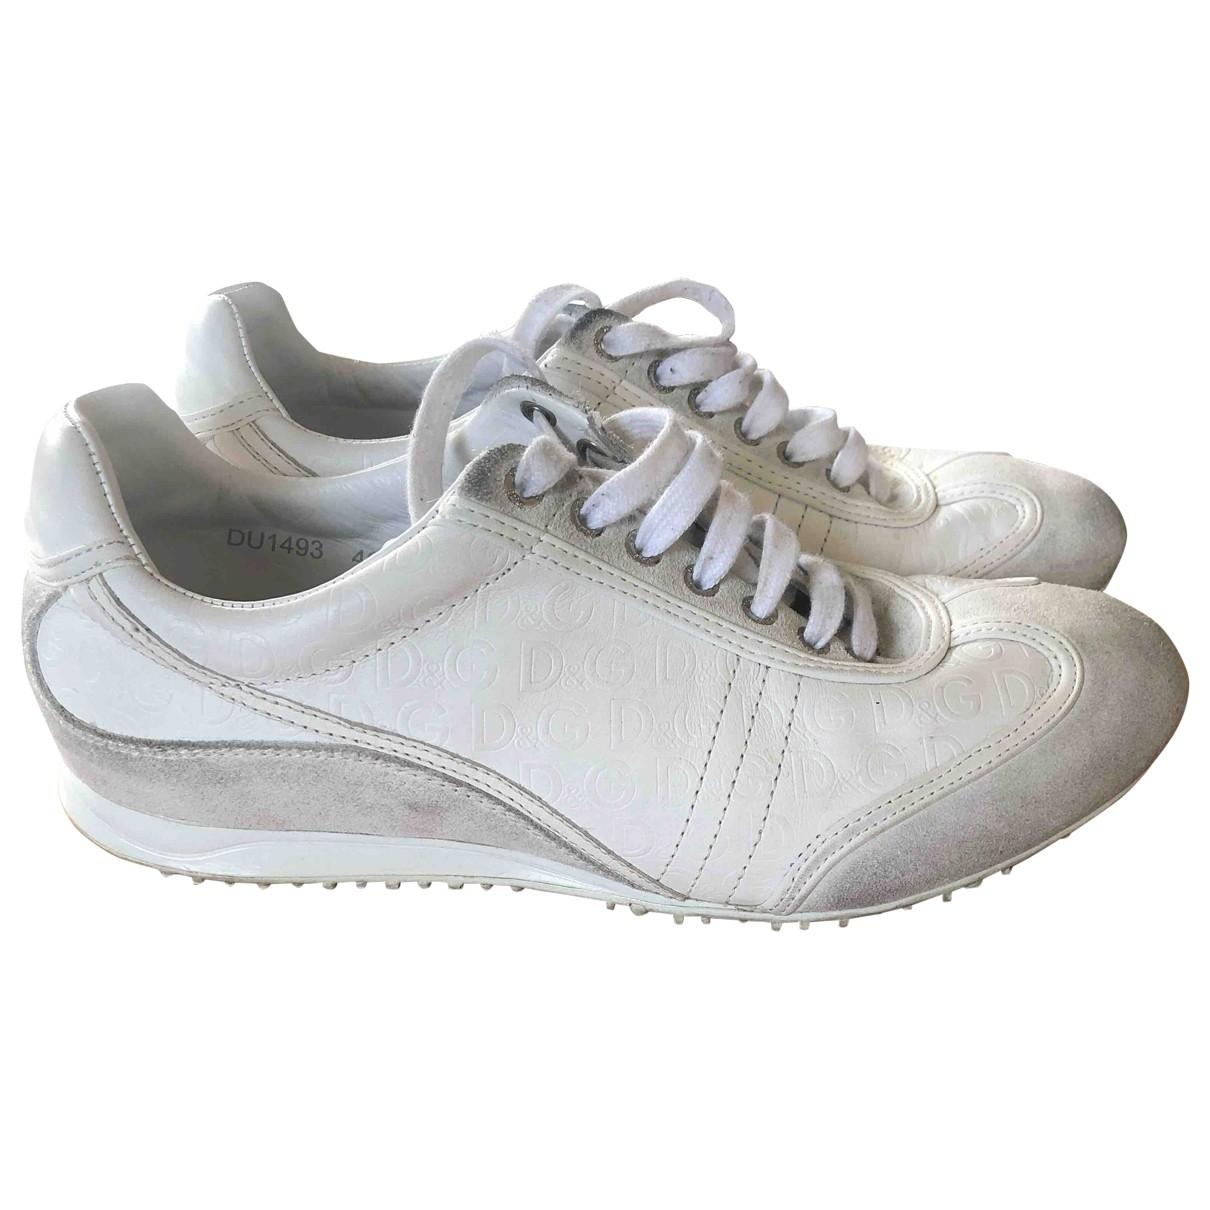 D&g - Baskets   pour homme en cuir - blanc